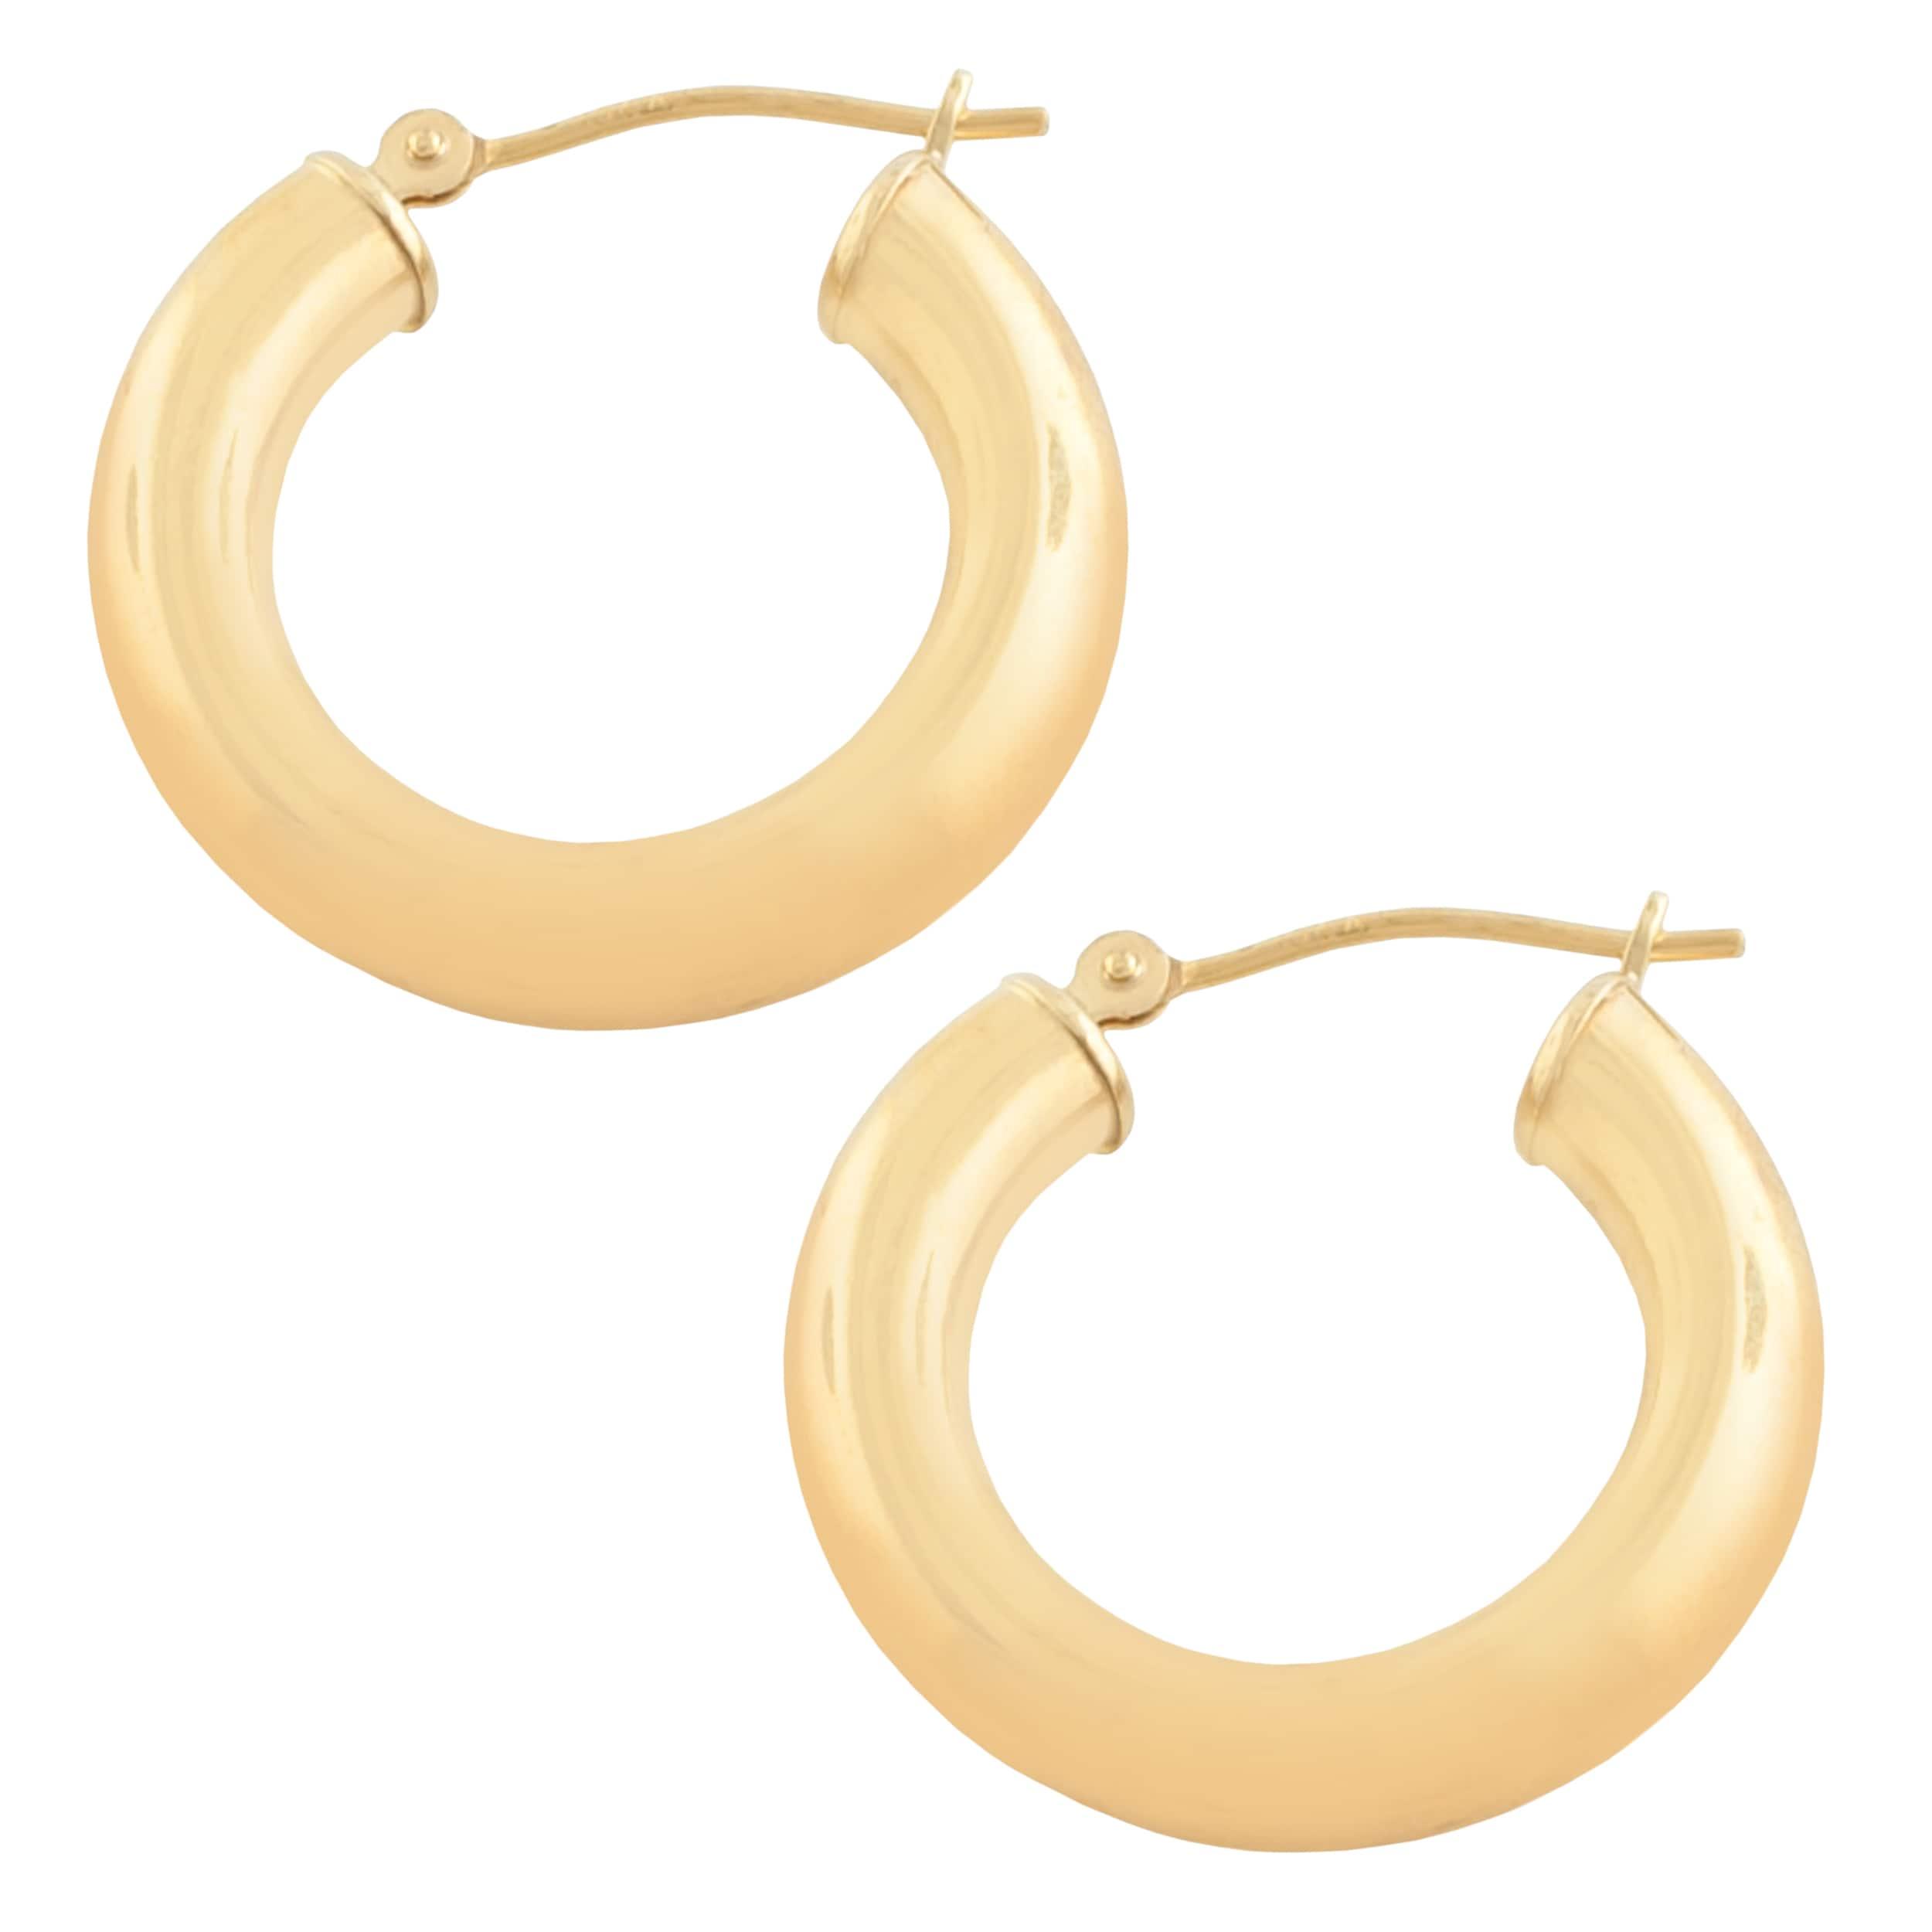 FB Jewels 14K Rose Gold 15 mm Pair Polished Endless Hoop Earrings